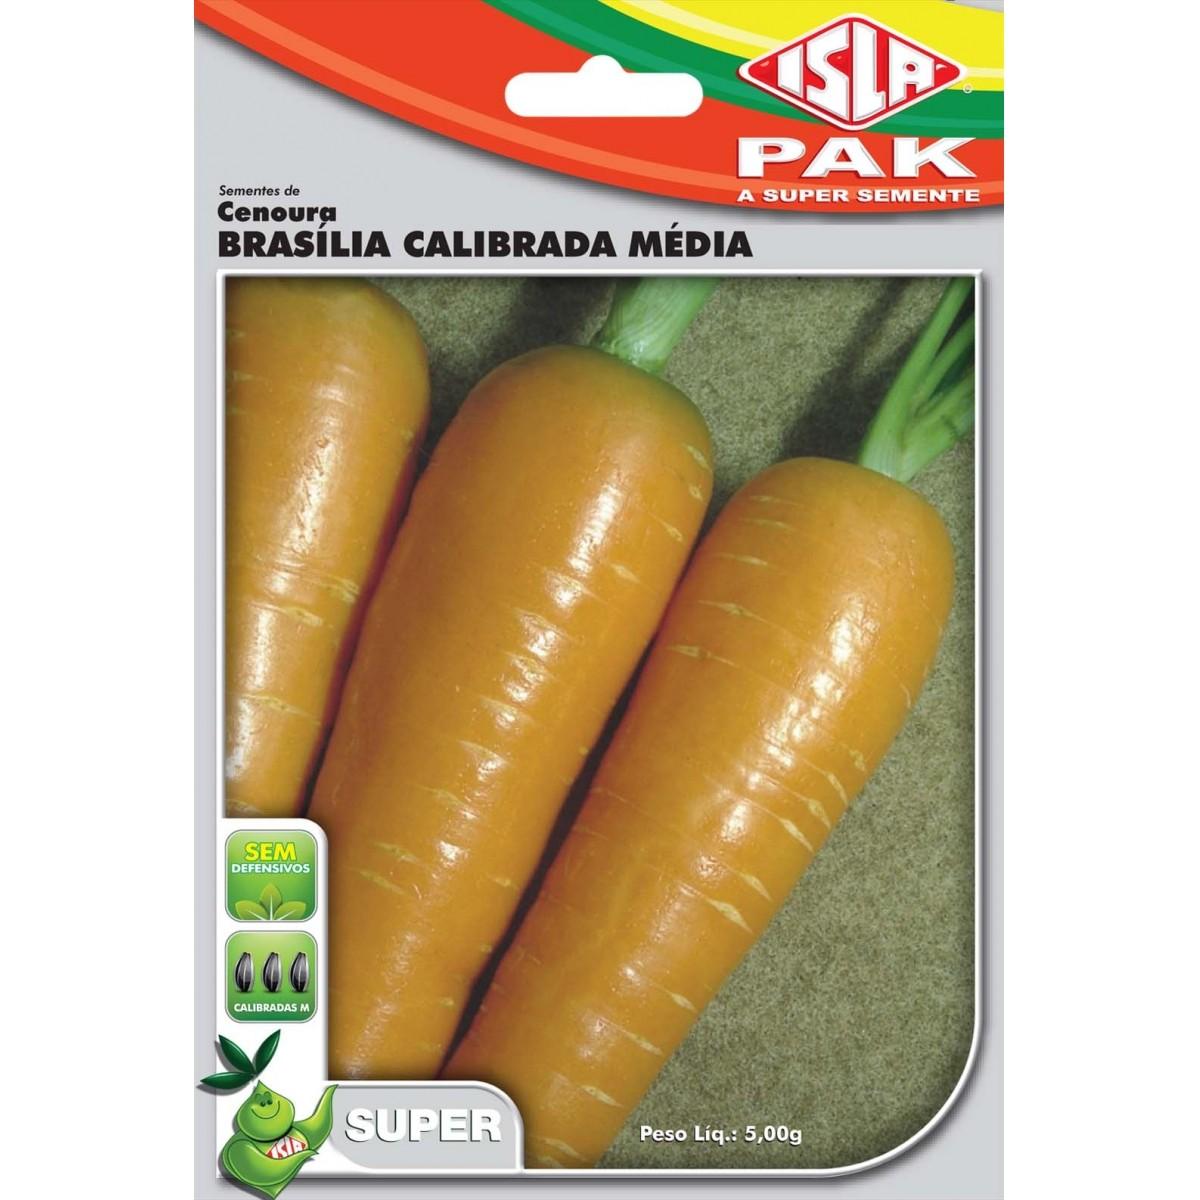 Sementes de Cenoura Brasília Calibrada Média - Isla Superpak